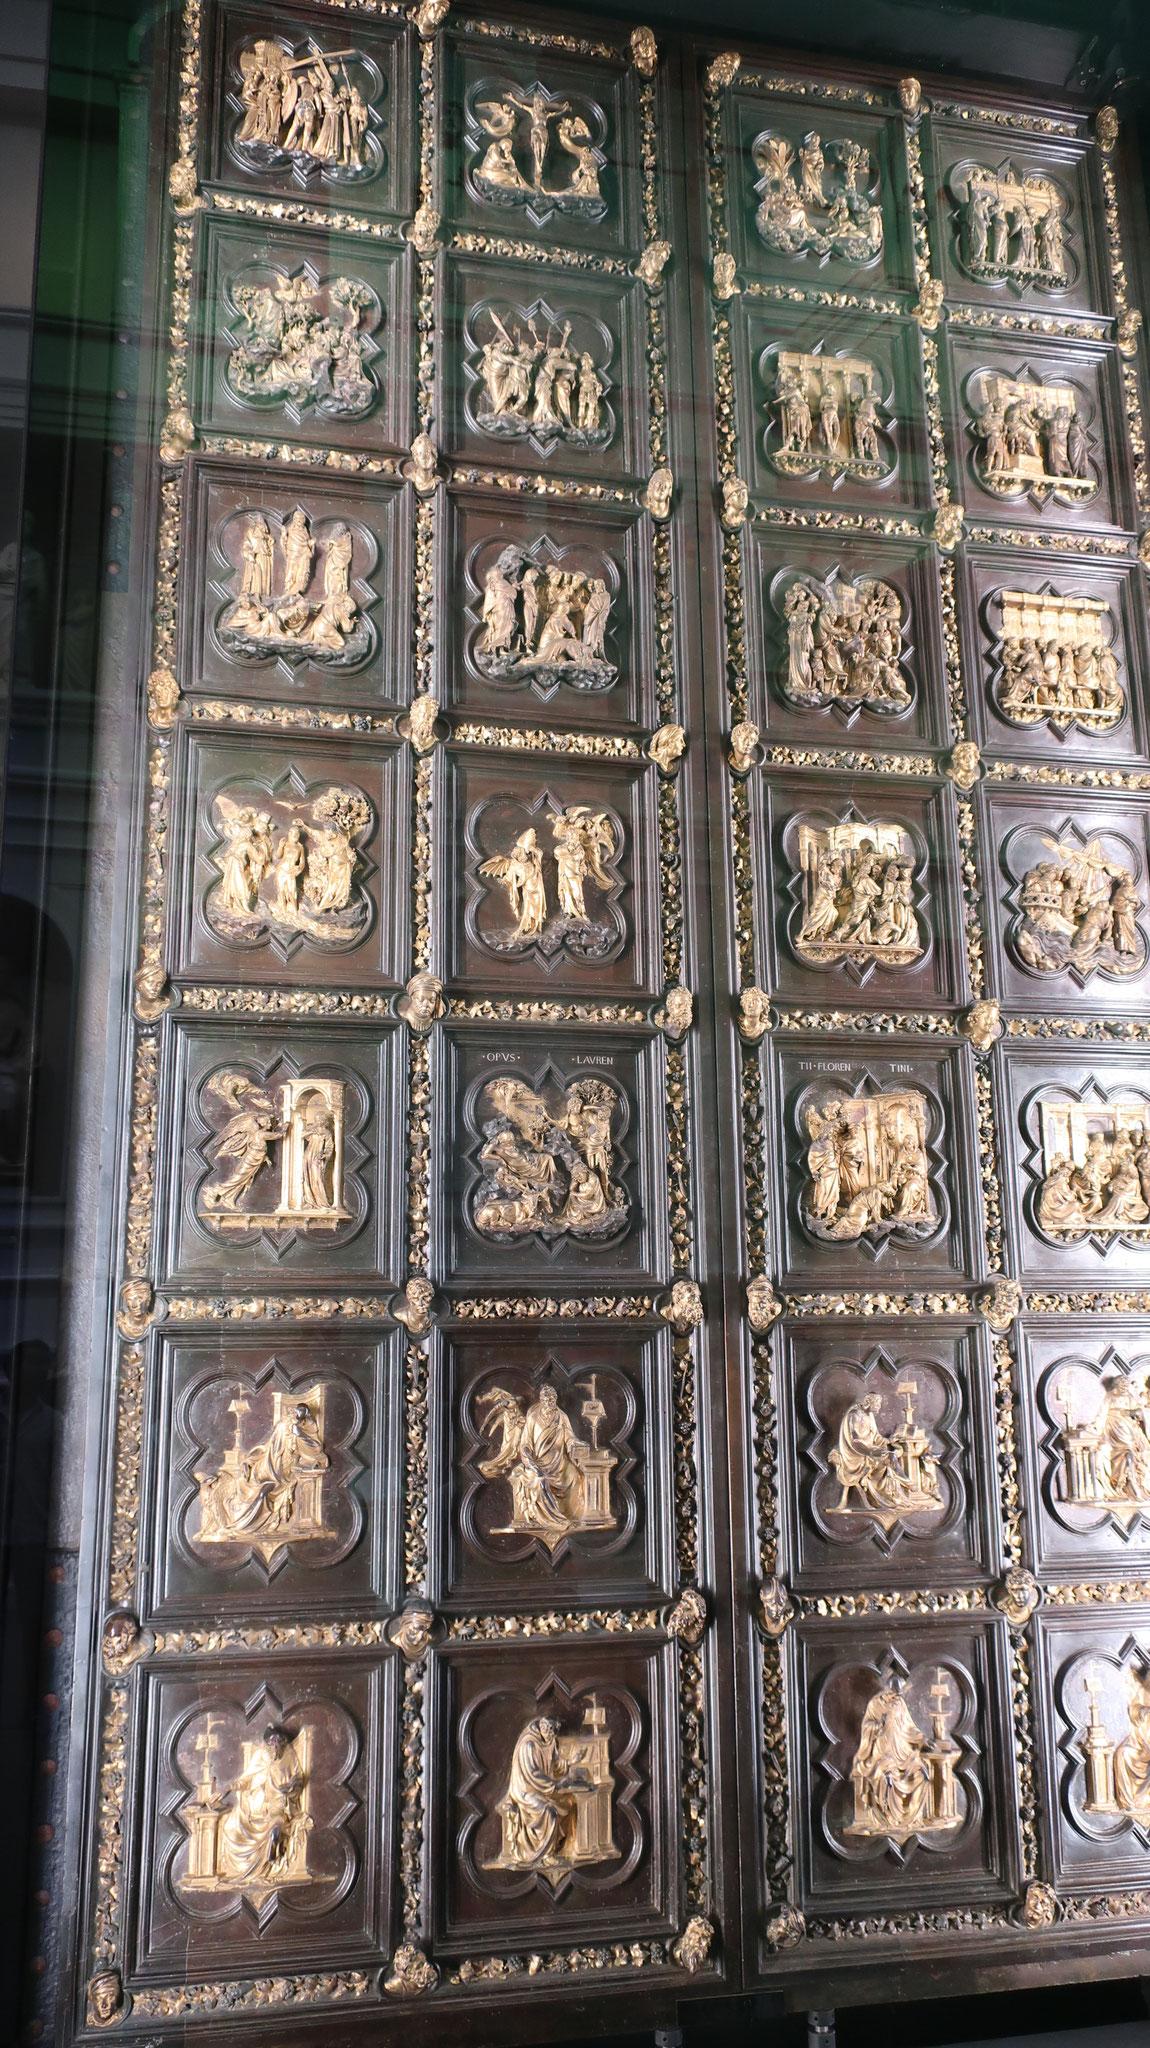 競作でギベルティの「天国の門」に敗れたブルネッレスキの扉。 ゴシック式の枠に囲まれた28枚のパネルから成り、新約聖書に基づく「キリストの生涯」と「諸聖人像」です。